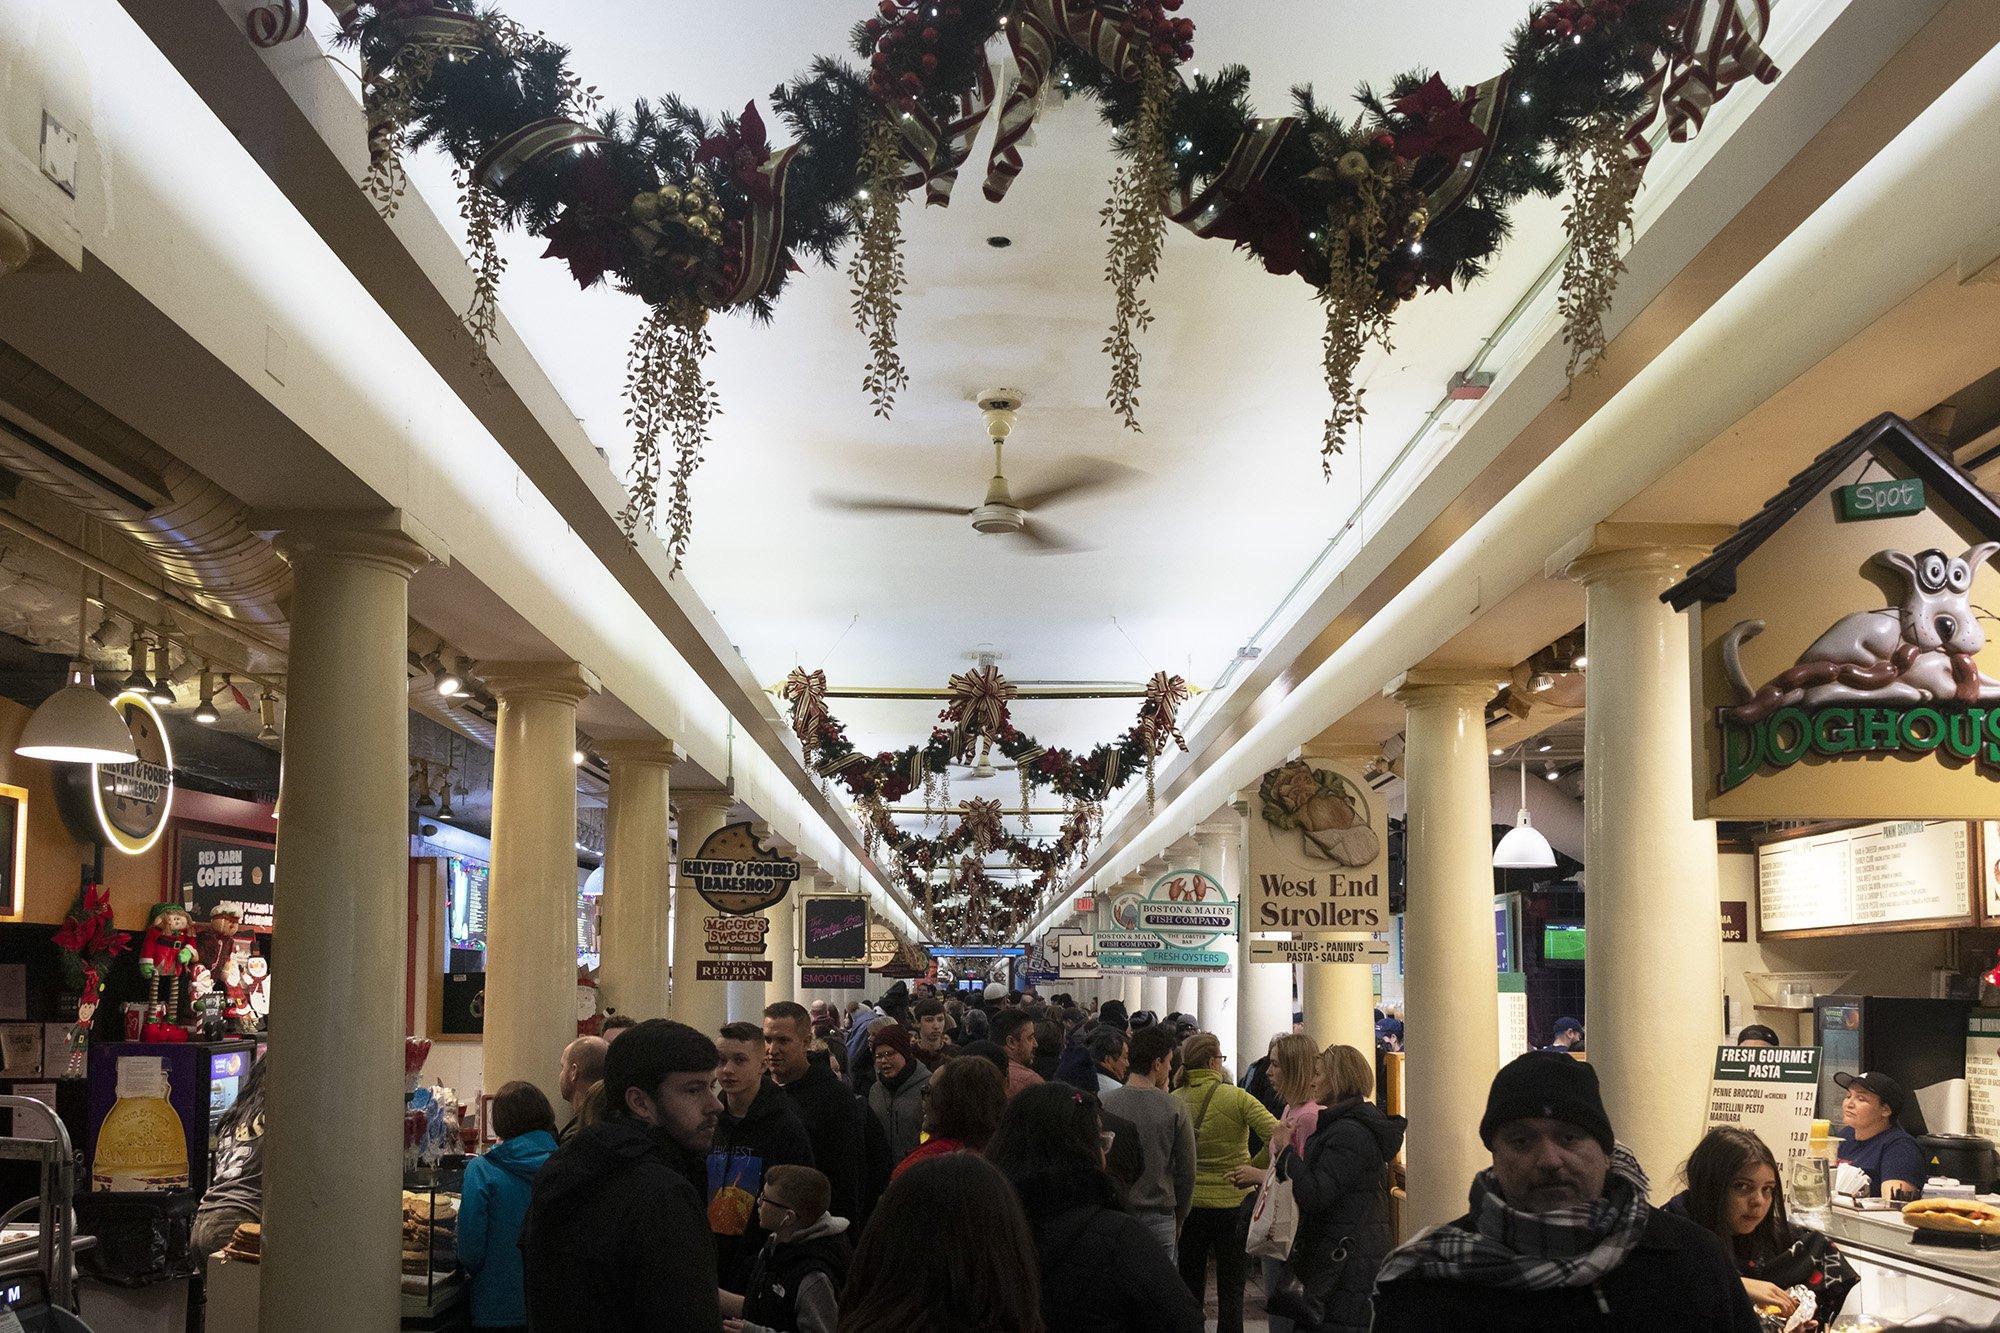 Inside Quincy Market, Boston